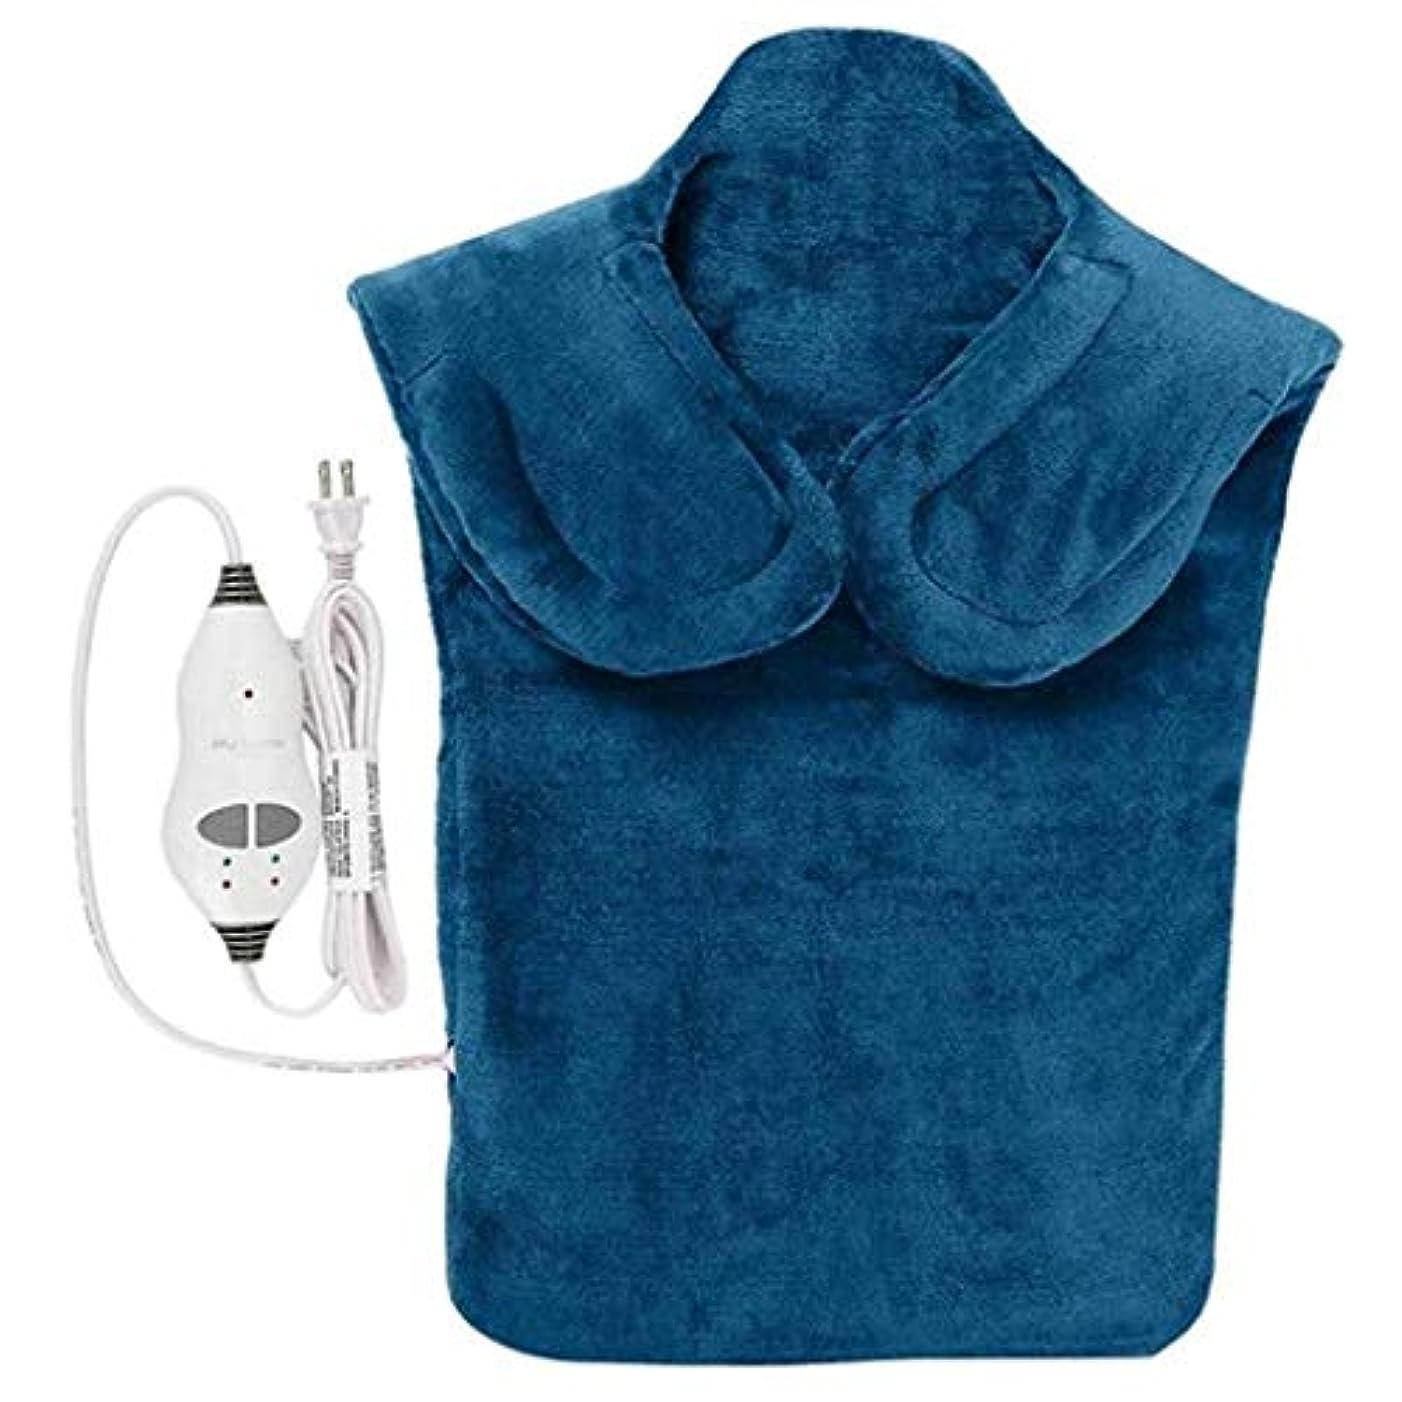 ジュニア素晴らしいです話をするネックマッサージャー、電気マッサージ器、首暖房パッド、フランネルヘルスケアパッケージ首/肩/戻る血液循環を促進、筋肉の痛みを和らげる、暖かい保つために (Color : 青, Size : One size)